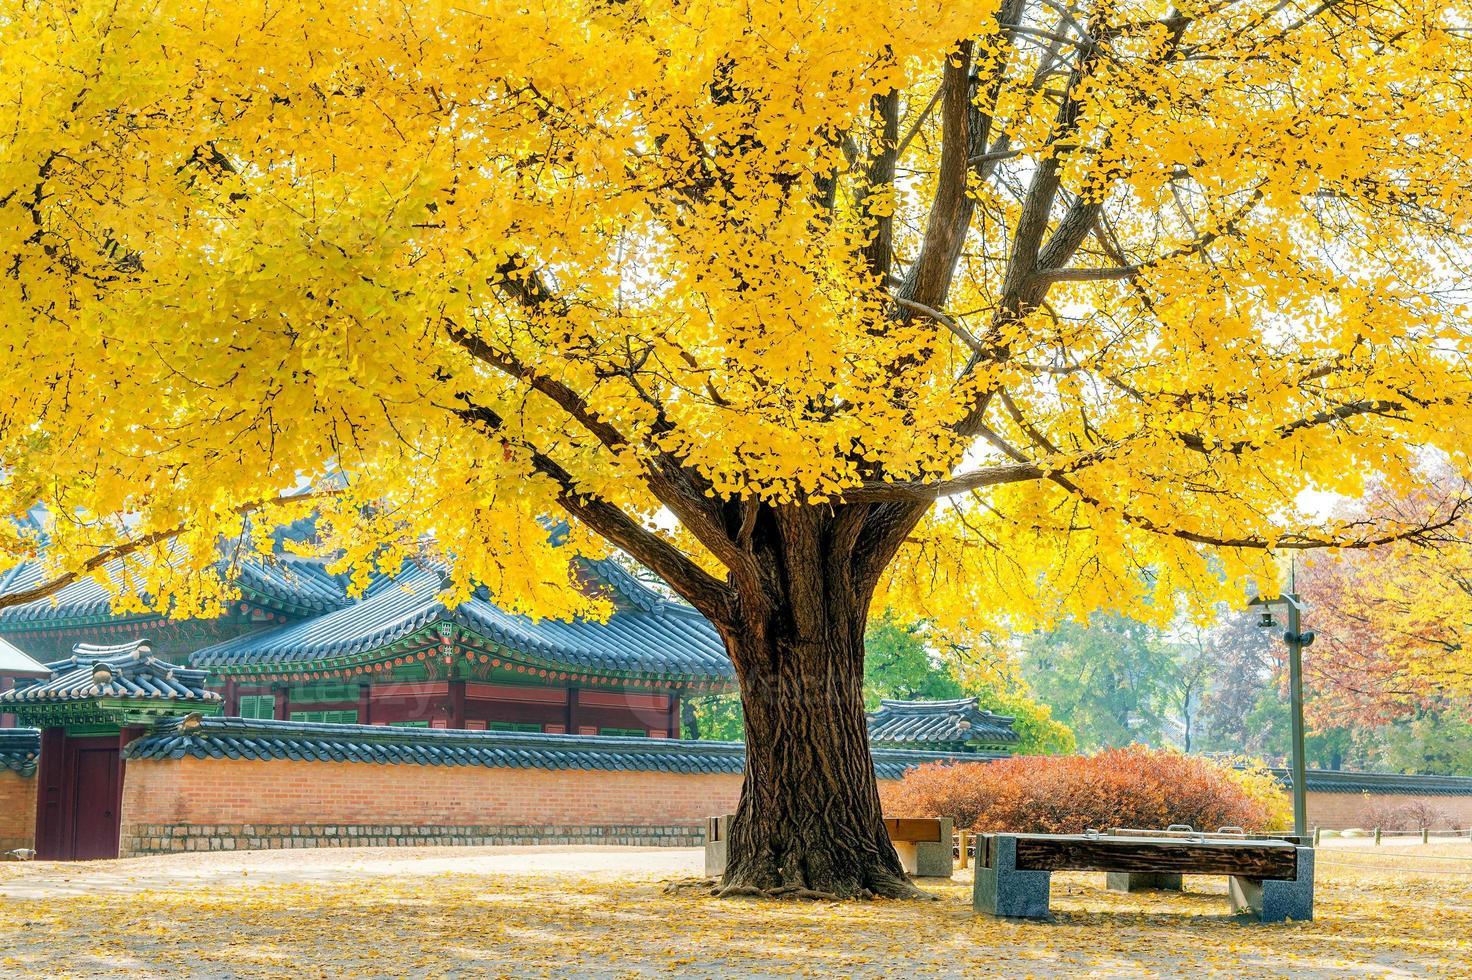 otoño en el palacio gyeongbukgung, corea. foto